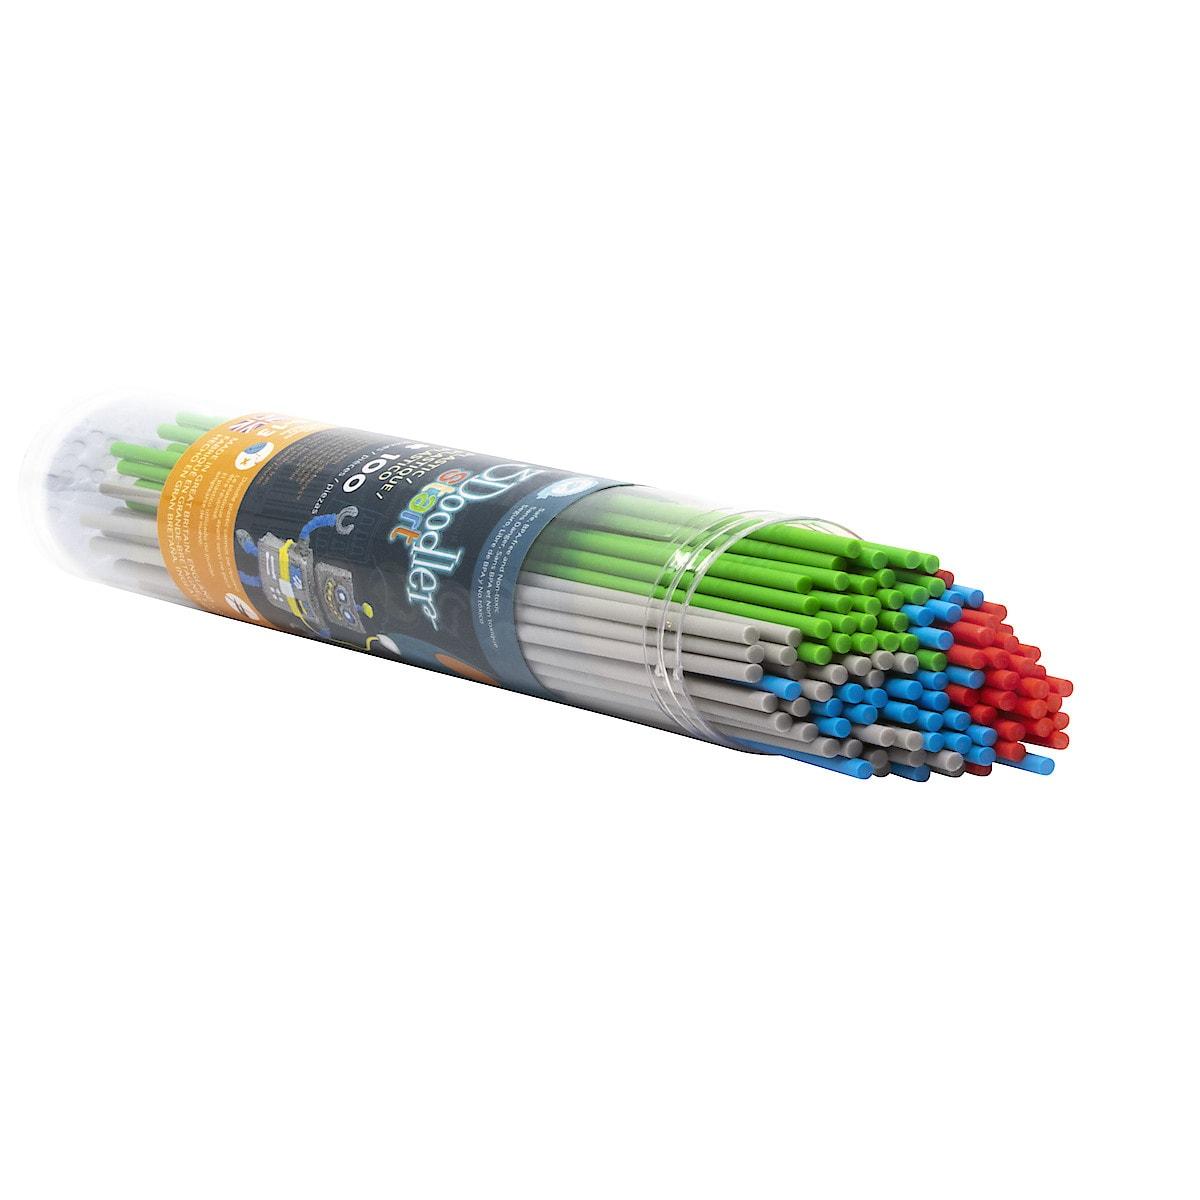 Muovi 3Doodler-kynään Start Essentials Pen Set